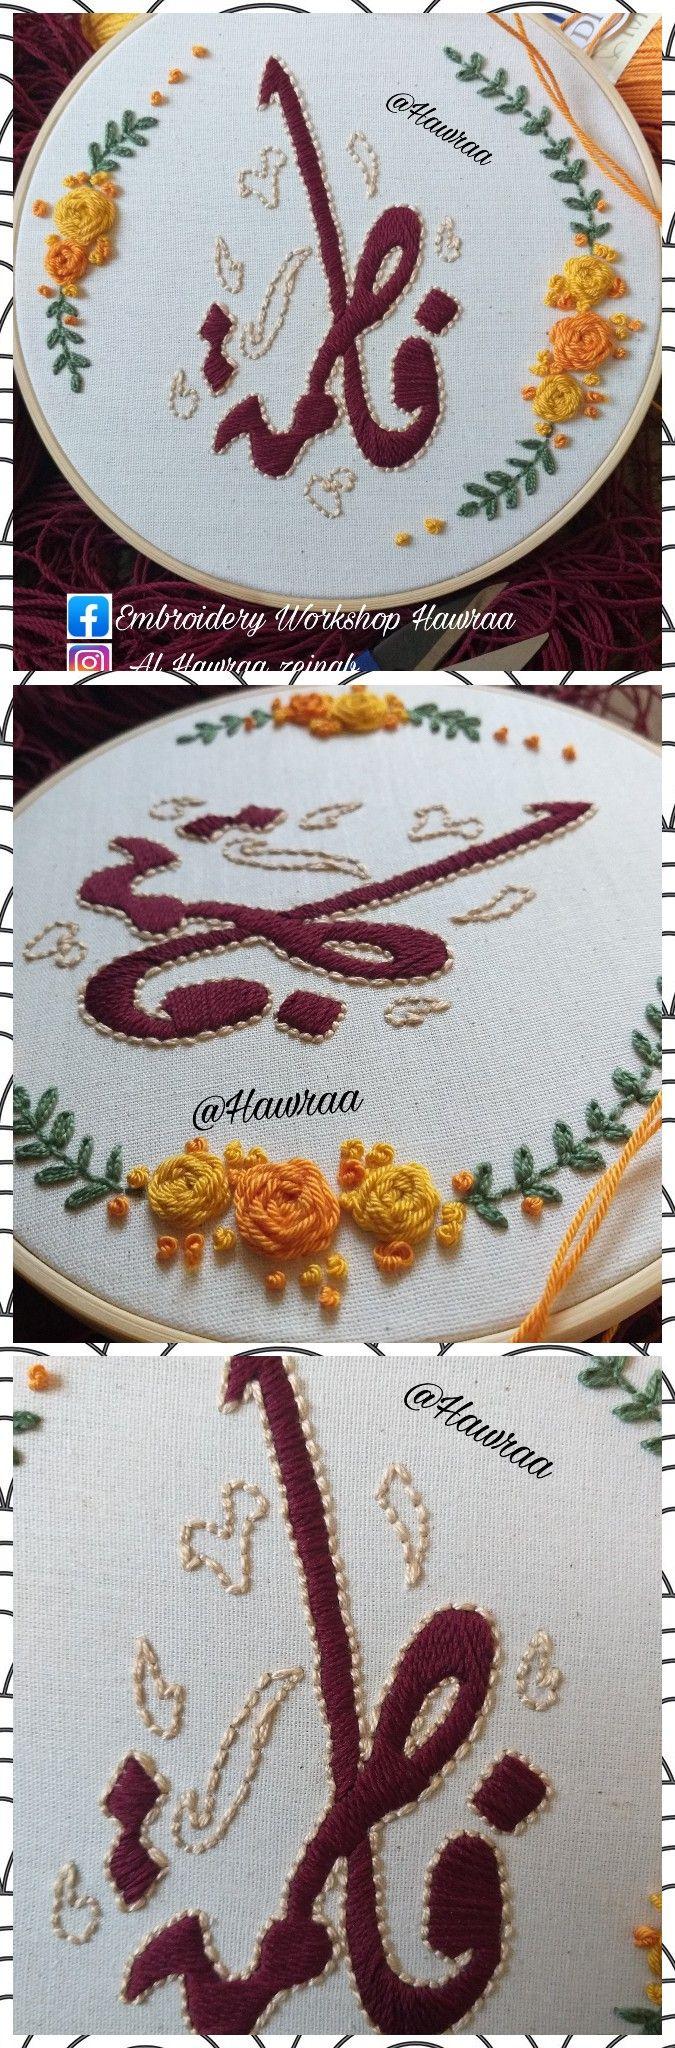 اسم فاطمة تطريز يدوي In 2021 Embroidery Workshop Embroidery Workshop